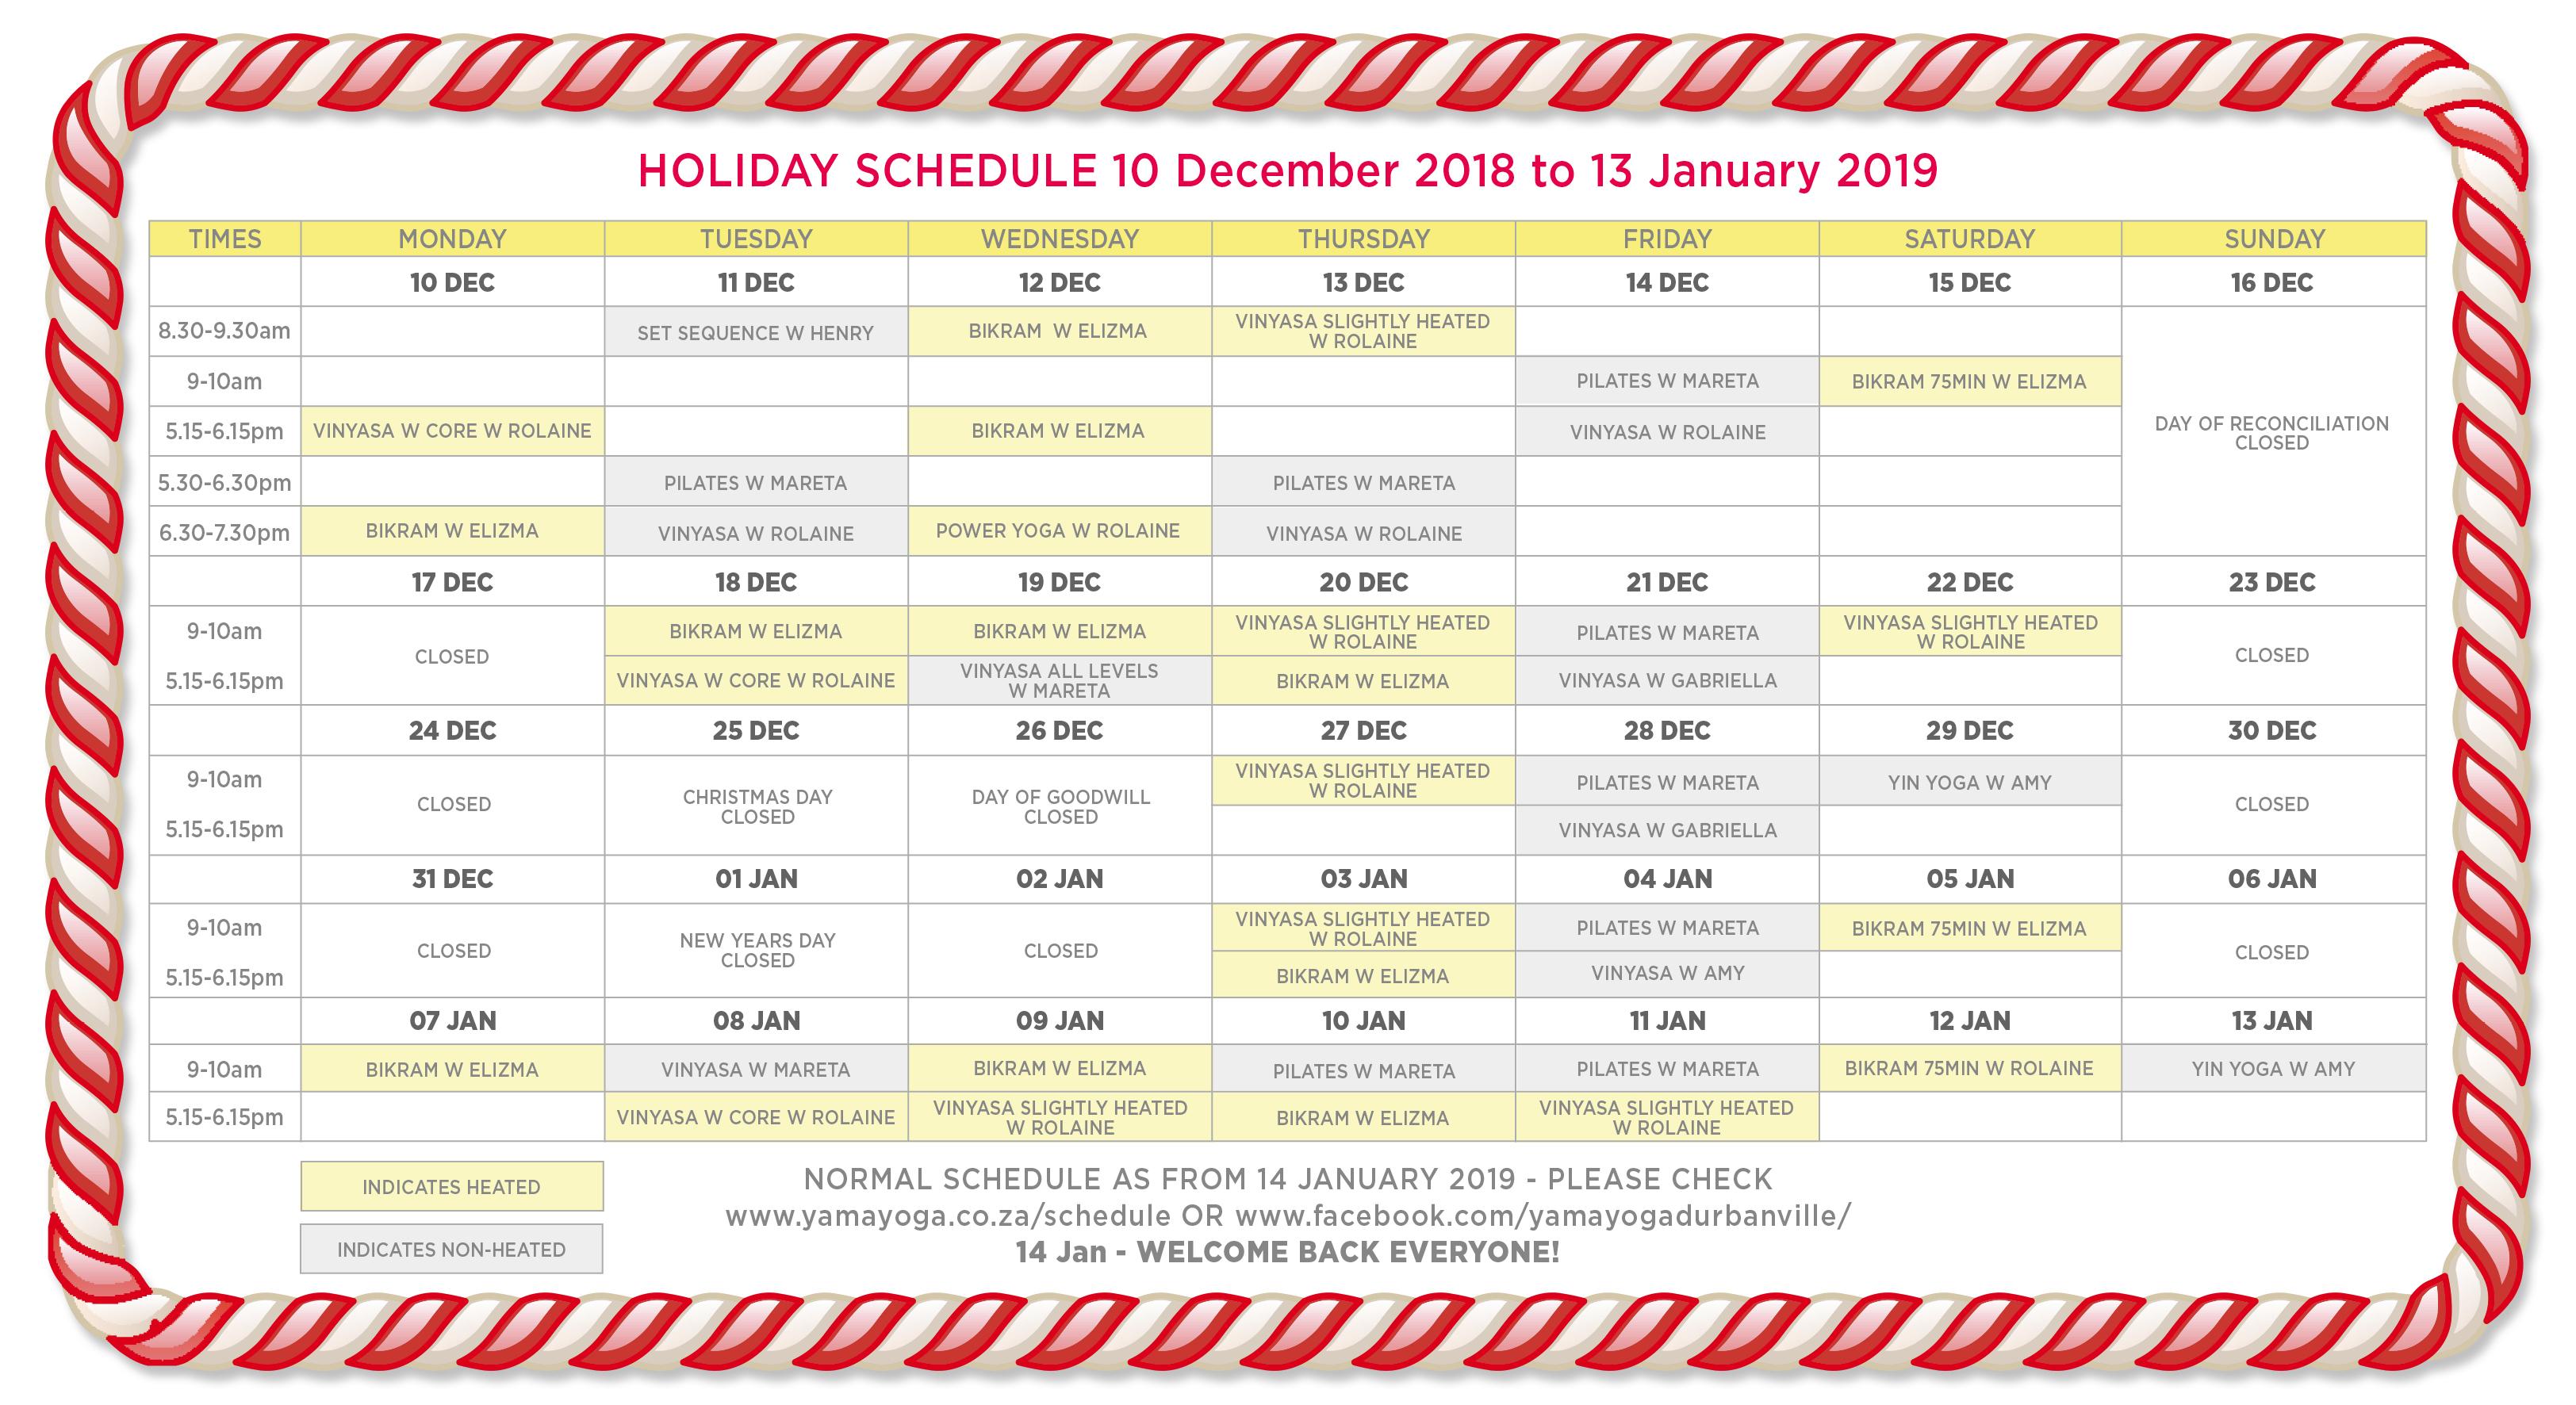 yama-yoga-holiday-schedule-2018